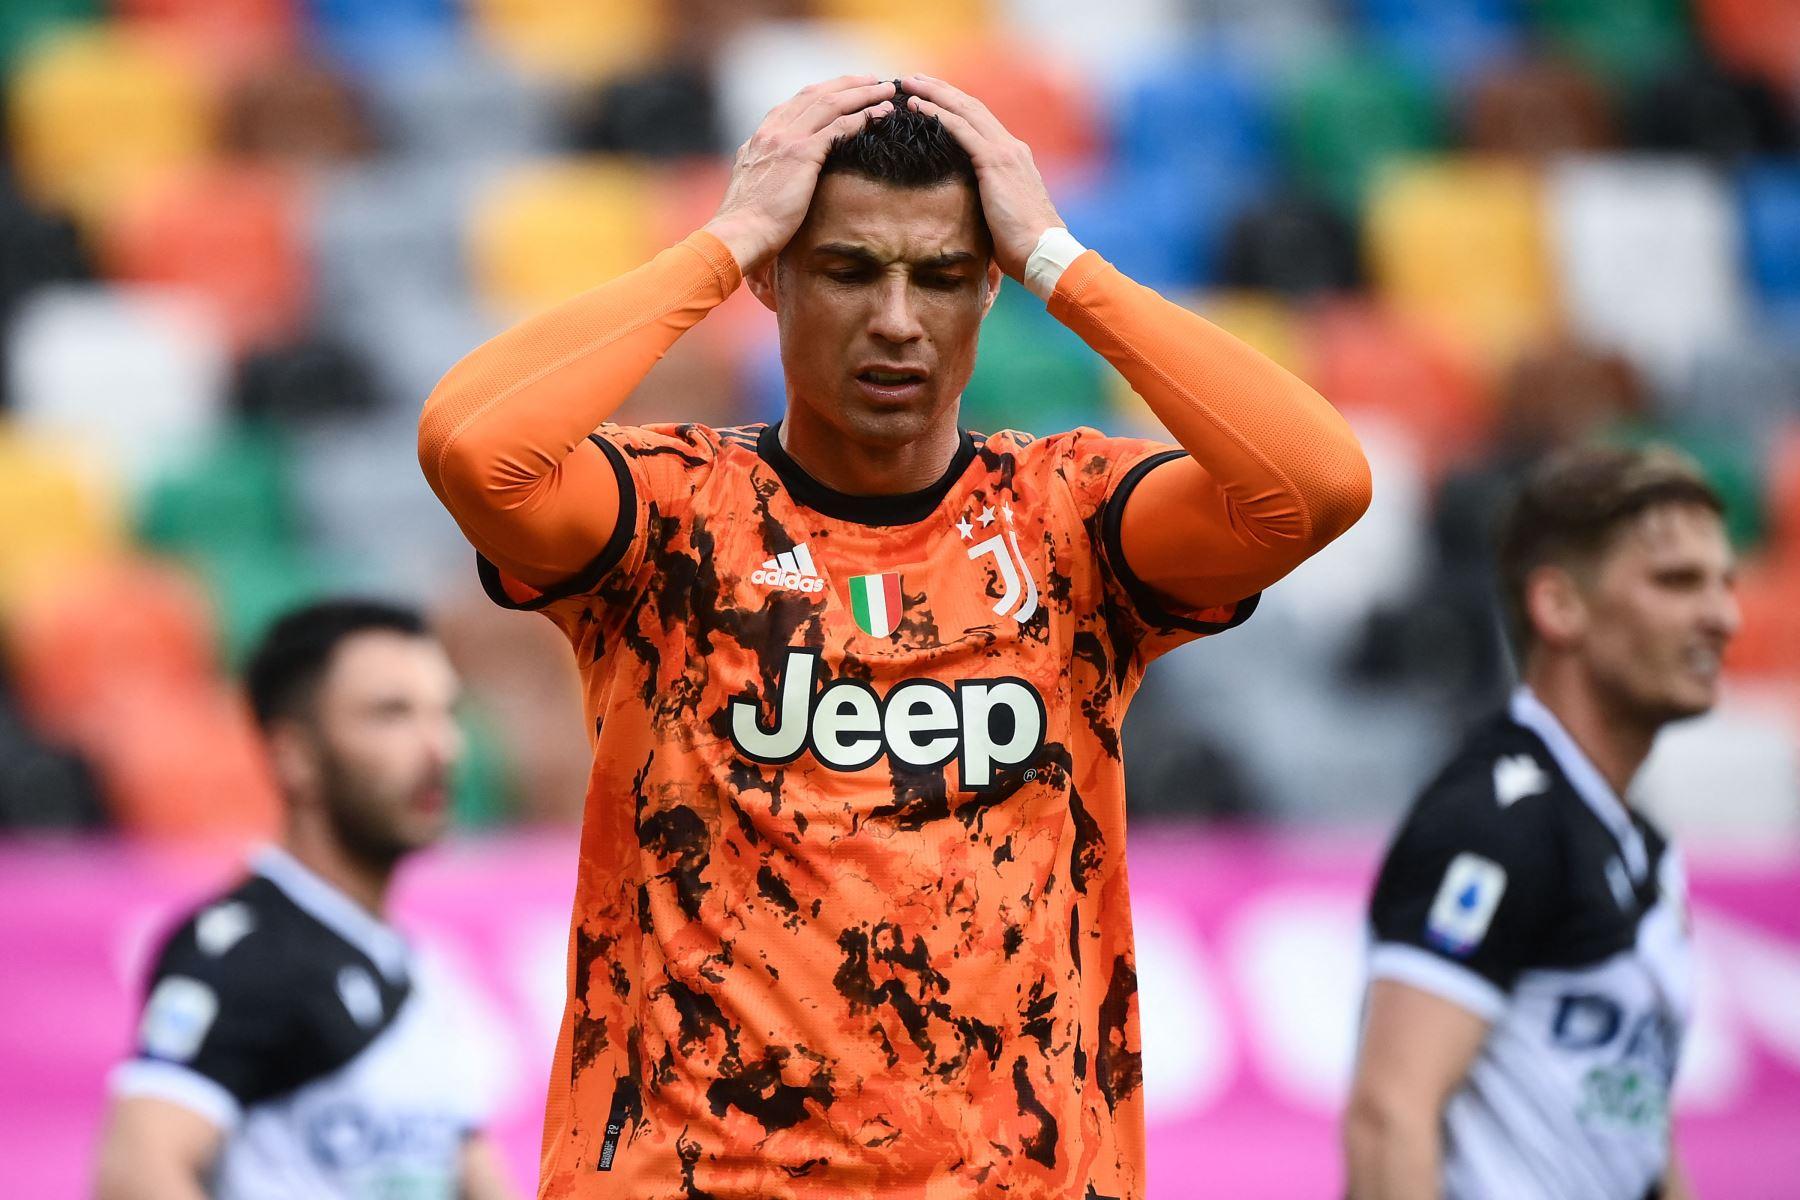 El delantero portugués de la Juventus, Cristiano Ronaldo, reacciona durante el partido de fútbol de la Serie A italiana entre el Udinese y la Juventus. Foto:AFP